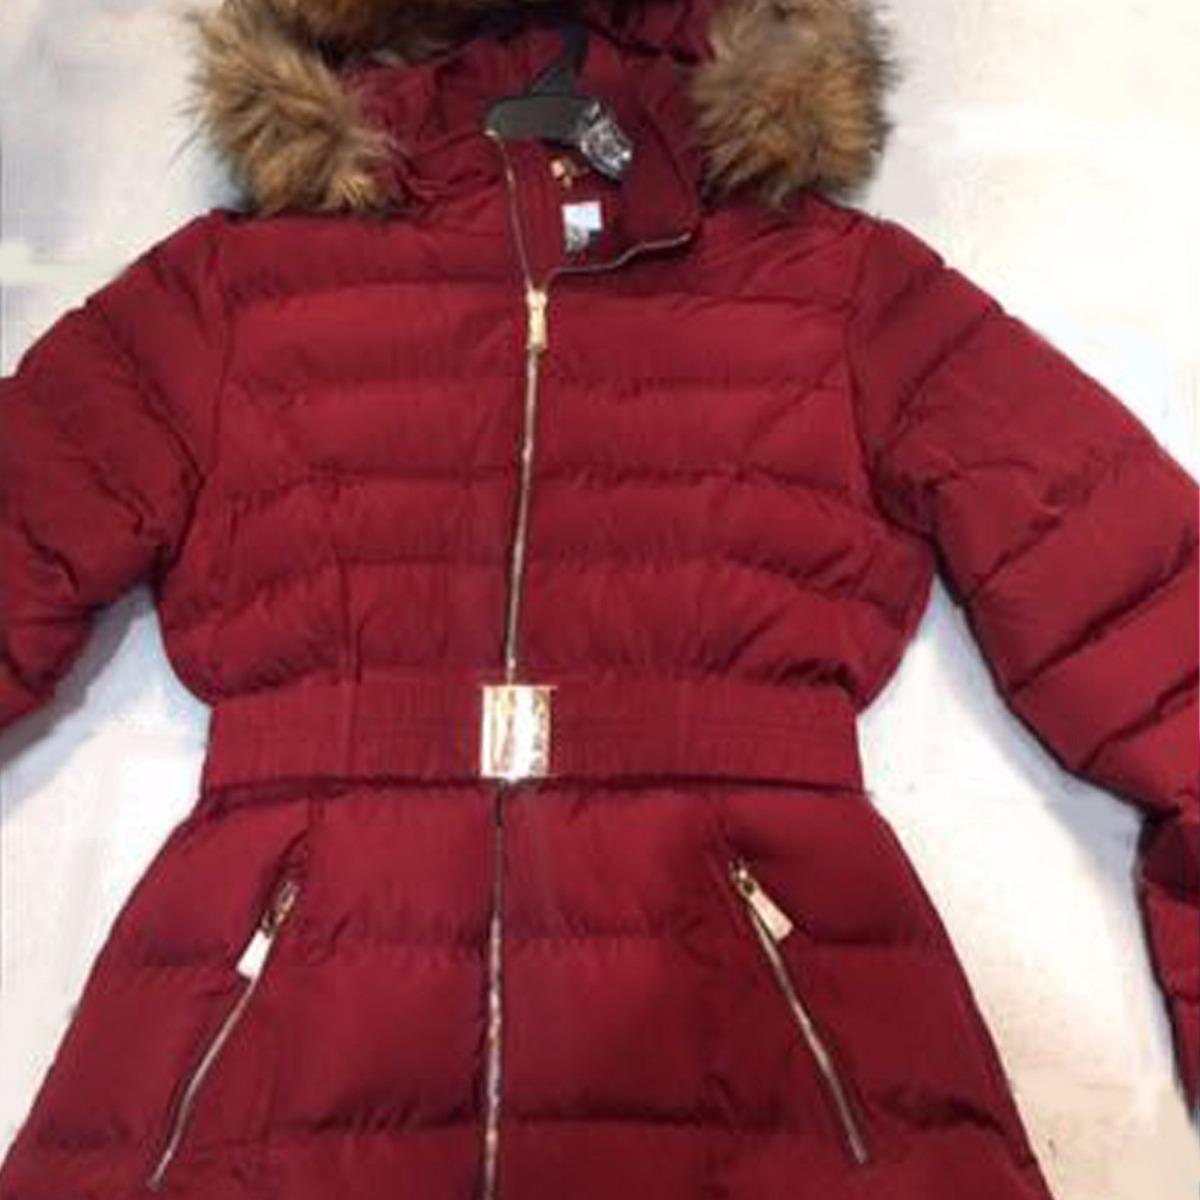 Chamarra Invernal Tipo Cazadora Para Mujer -   851.00 en Mercado Libre a5369e352ddc